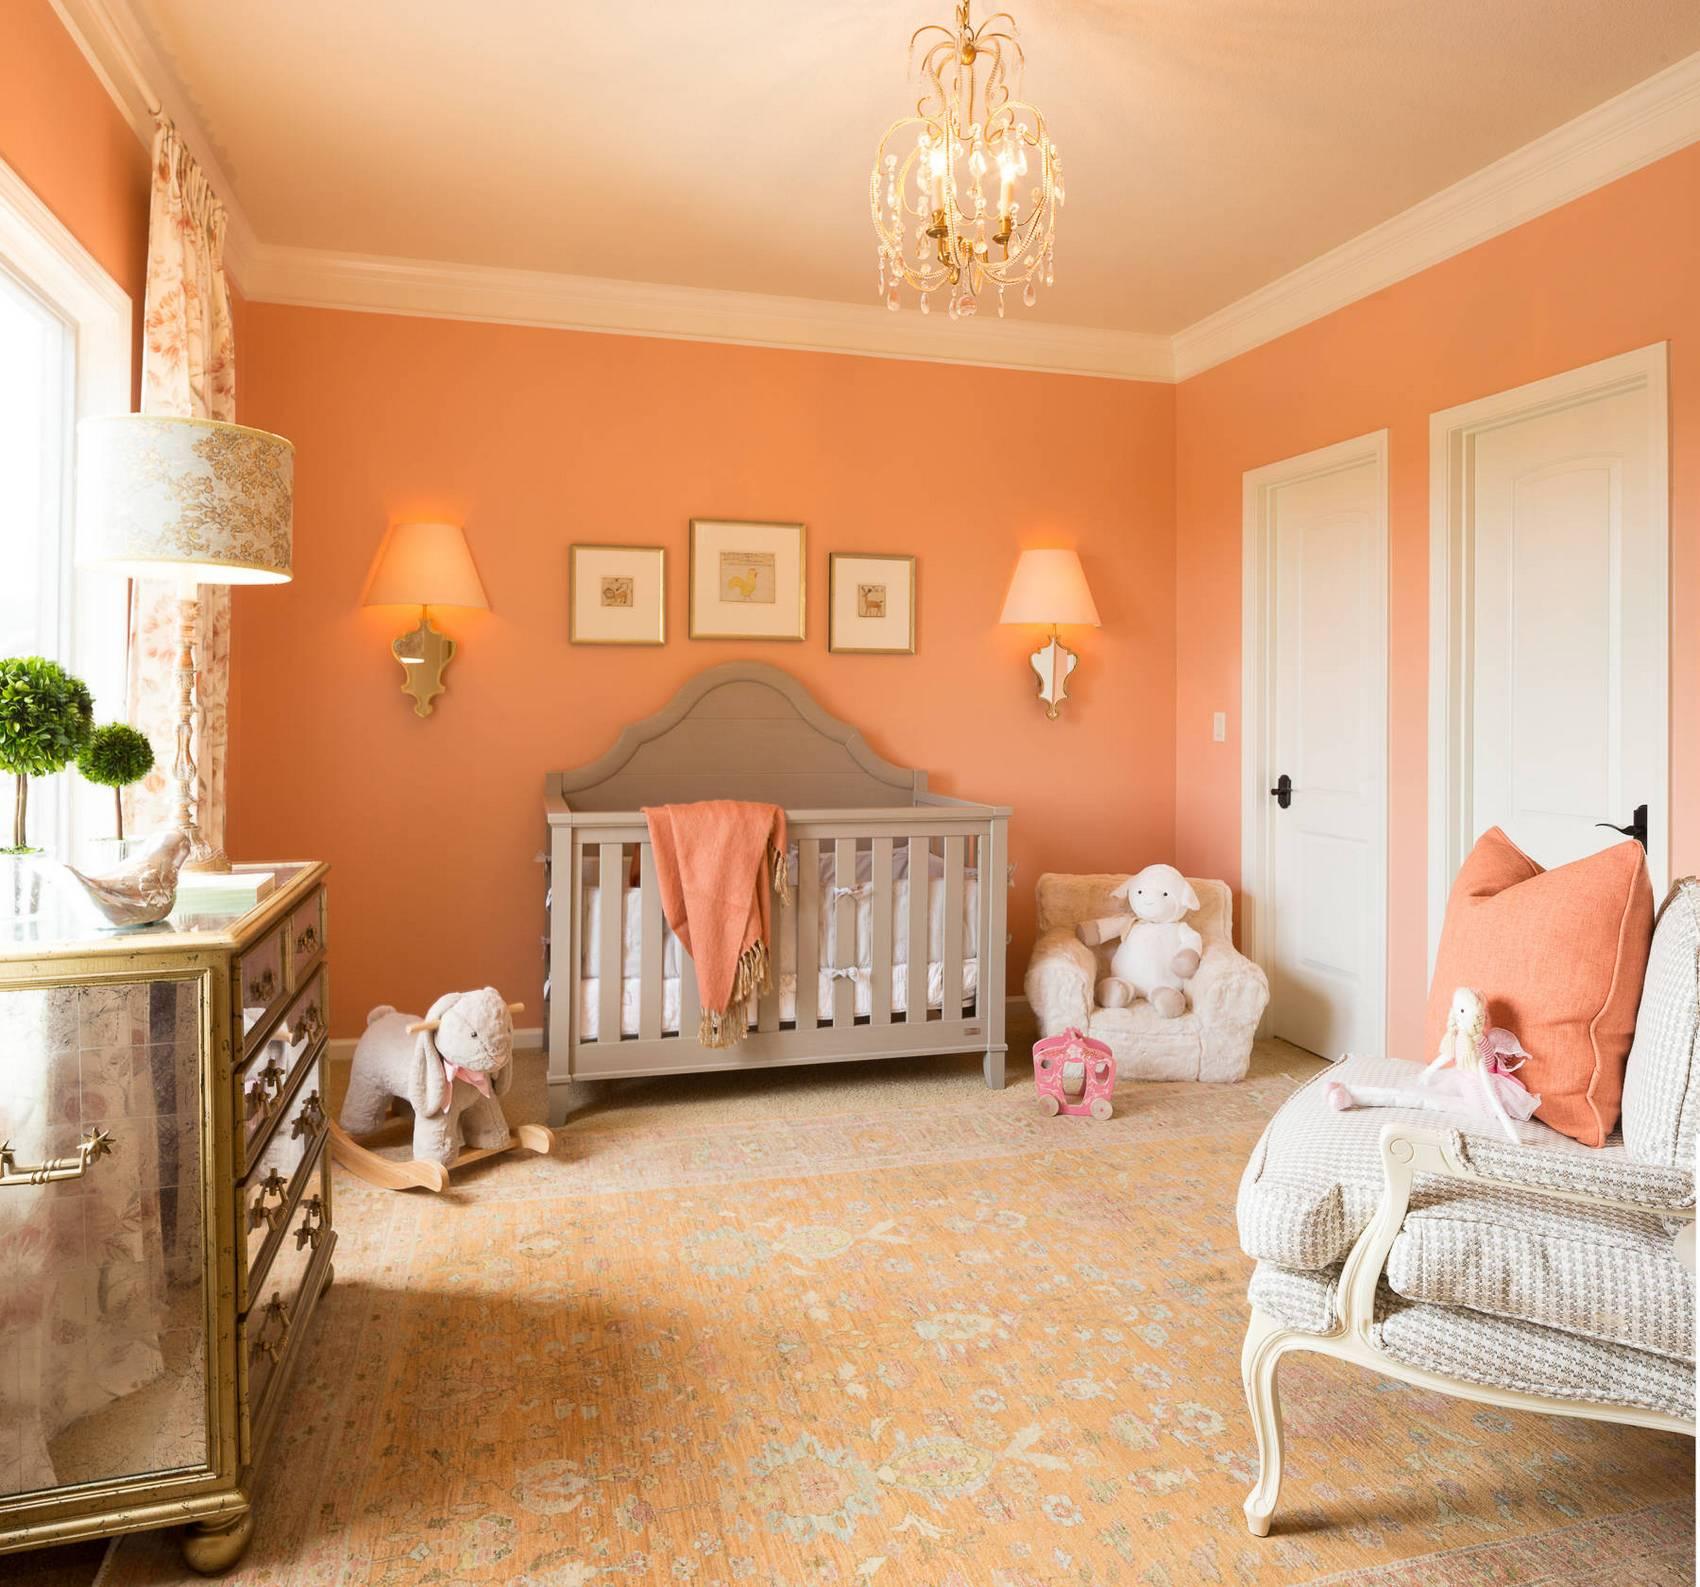 Персиковый цвет в интерьере комнаты малыша